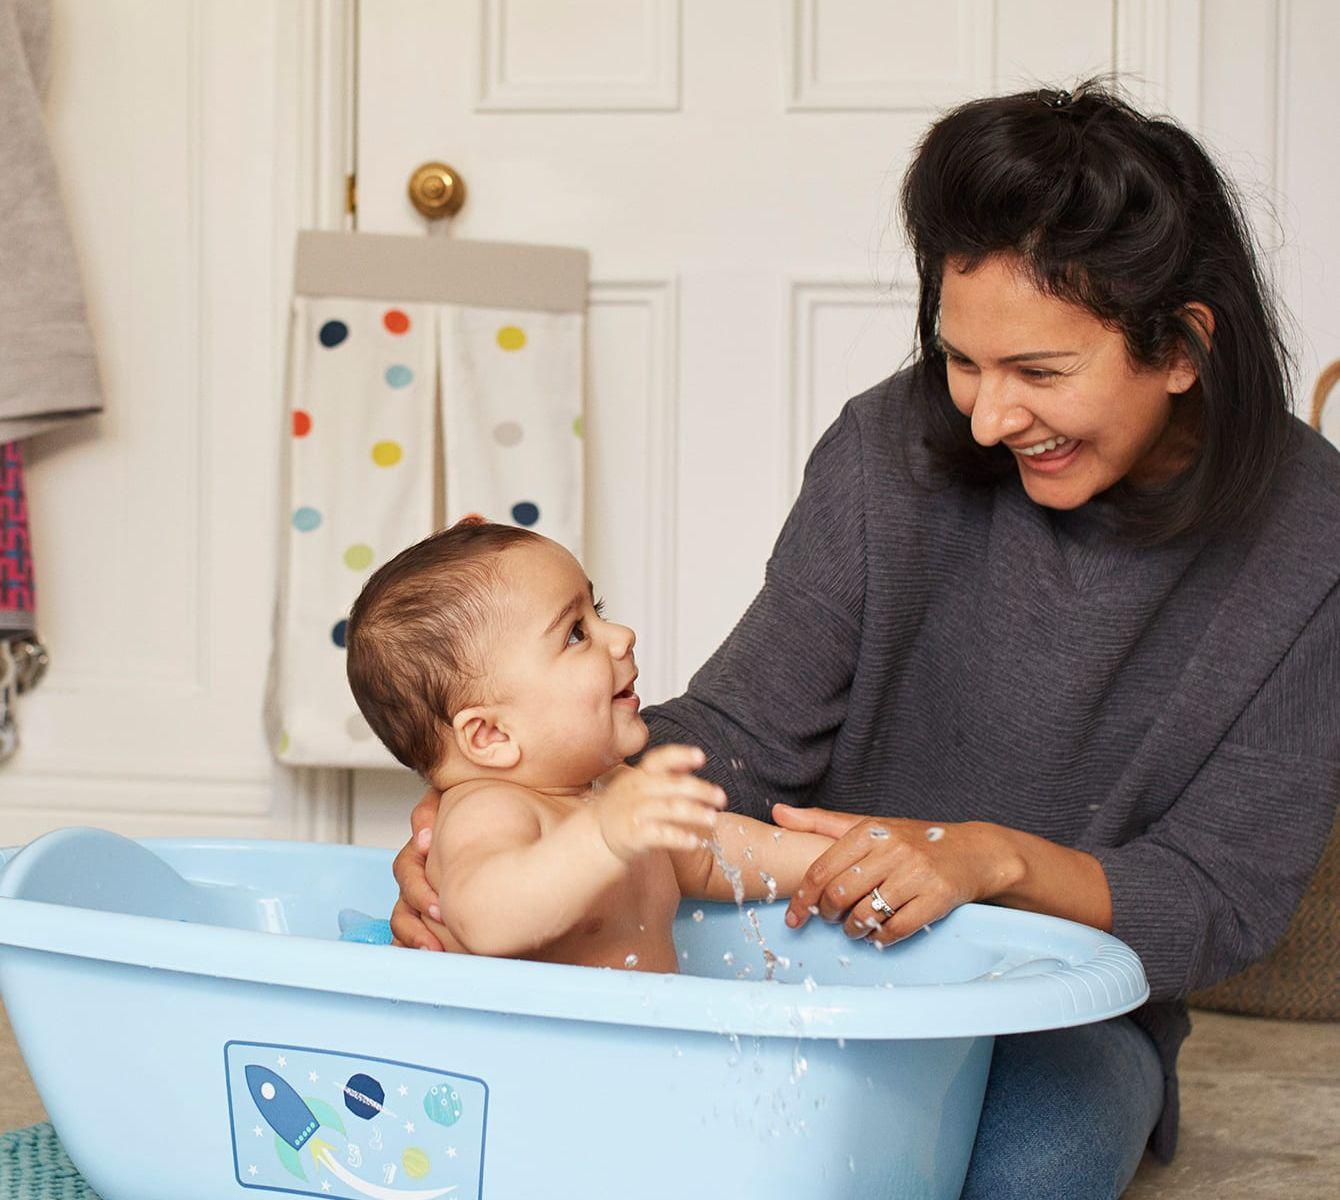 Tất tần tật 6 bước tắm cho trẻ sơ sinh đúng cách nhất